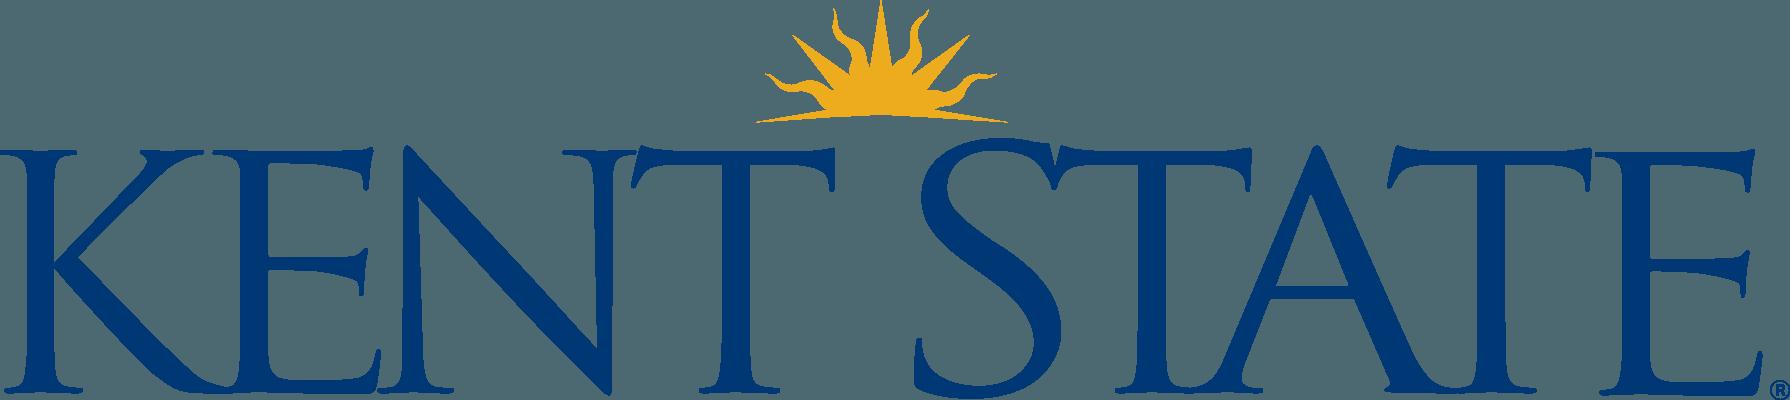 Kent State University Logo.